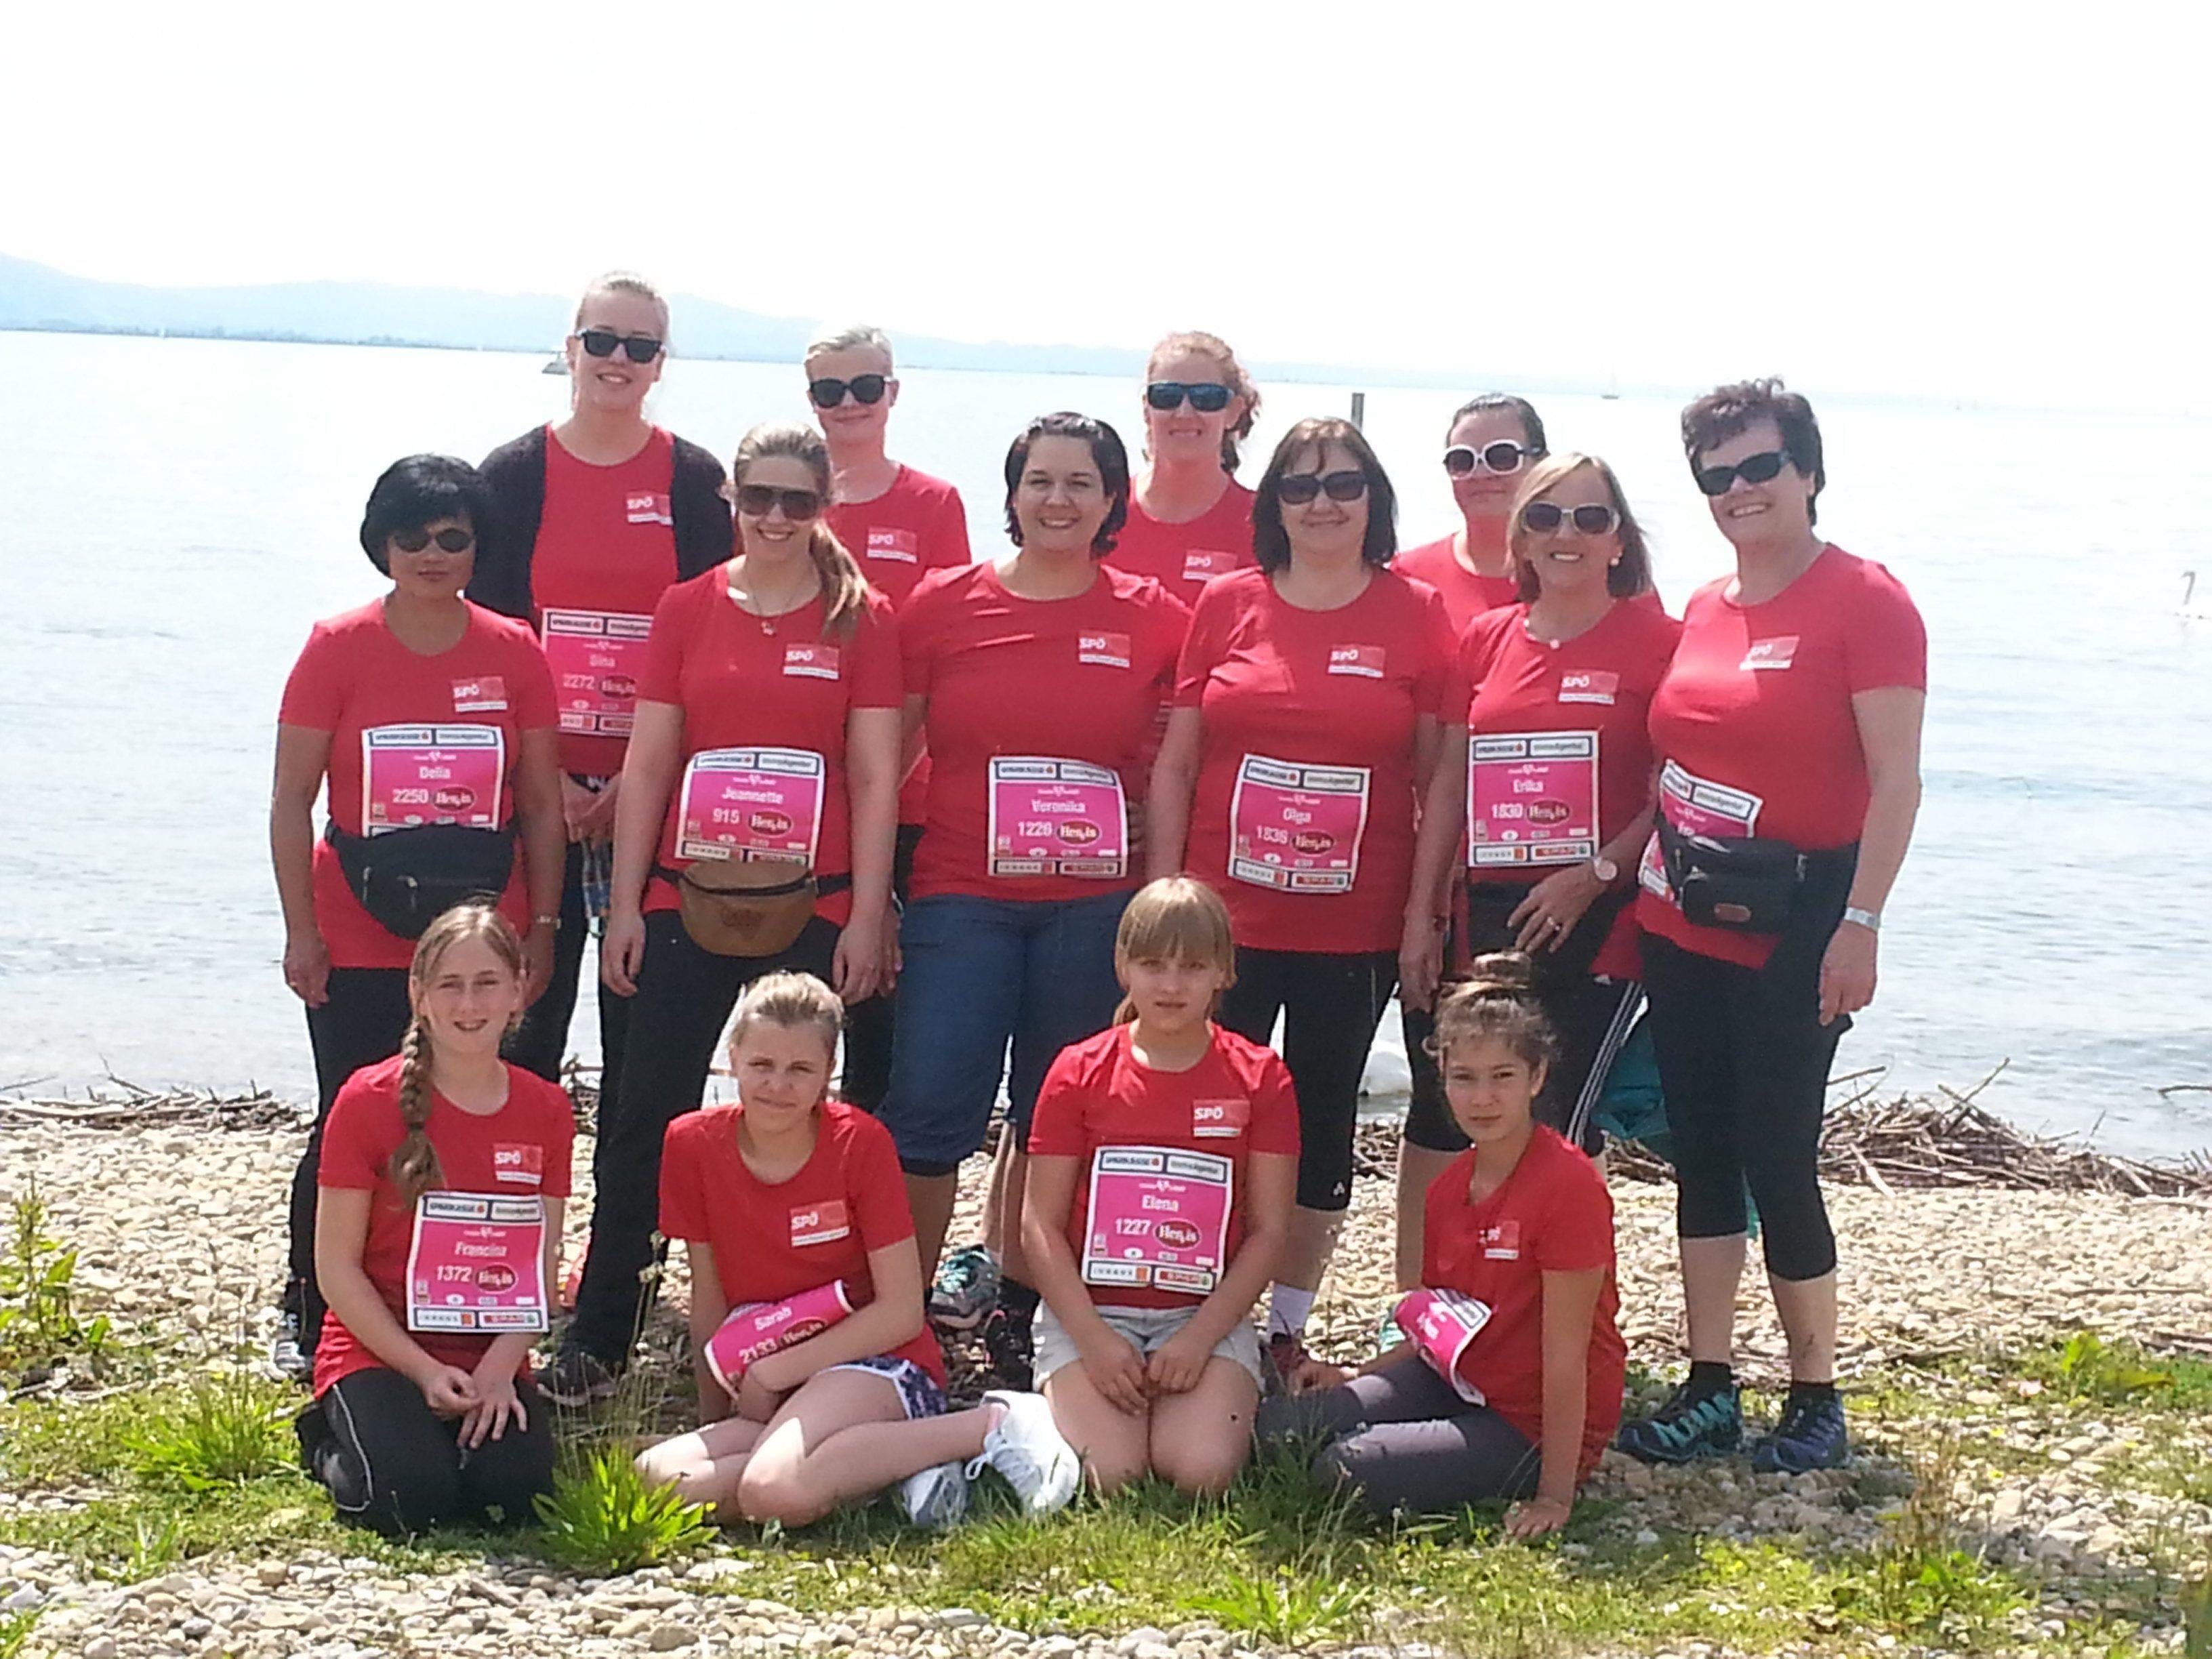 Das Team der SPÖ-Frauen beim Frauenlauf 2015